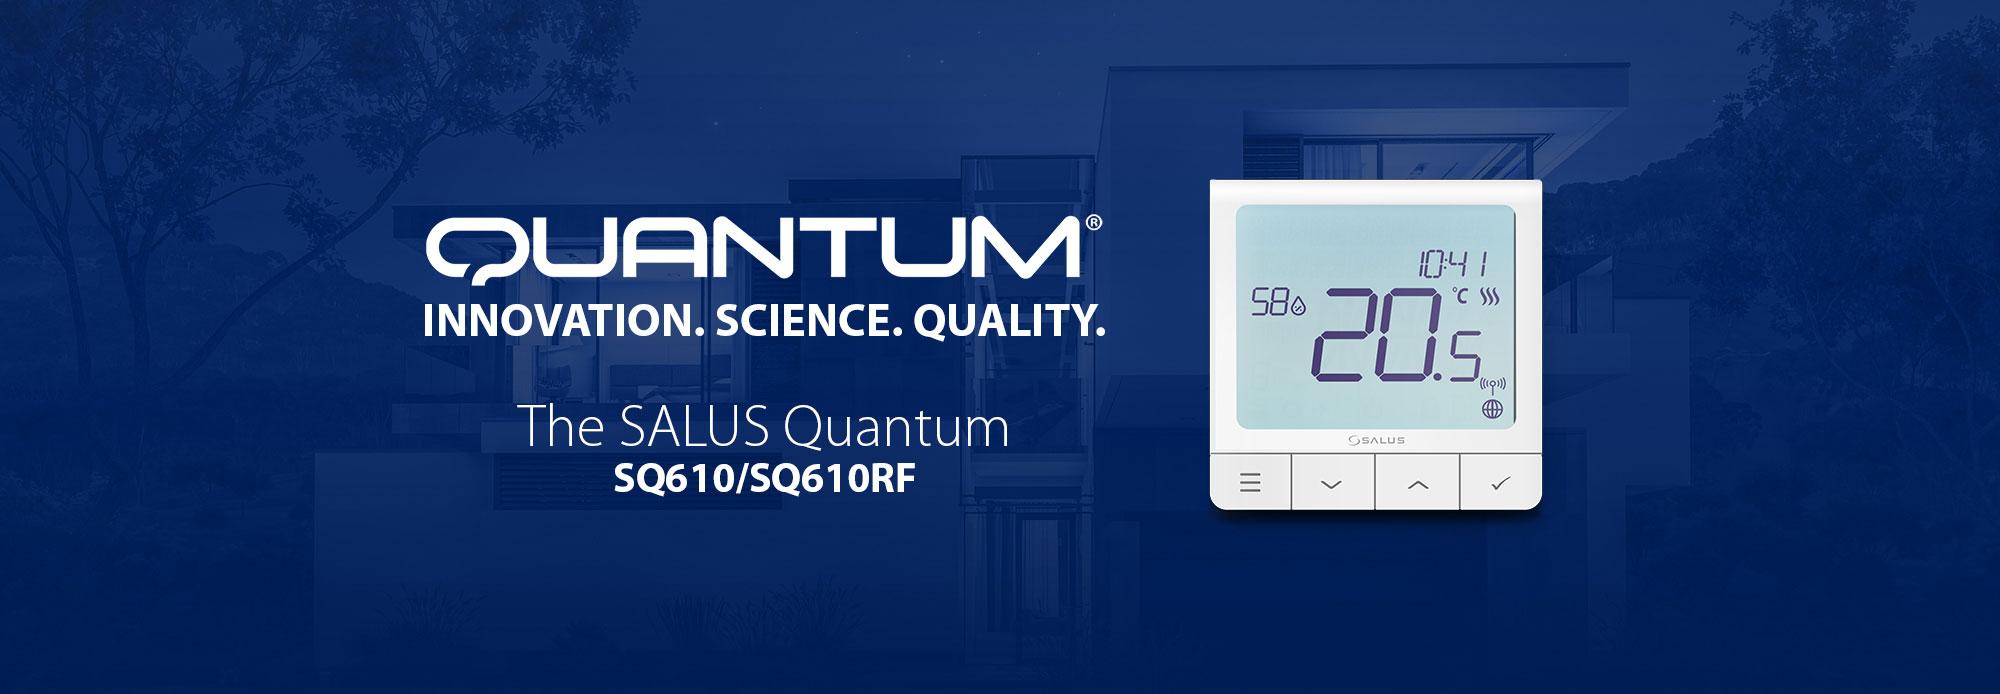 Quantum-Banner